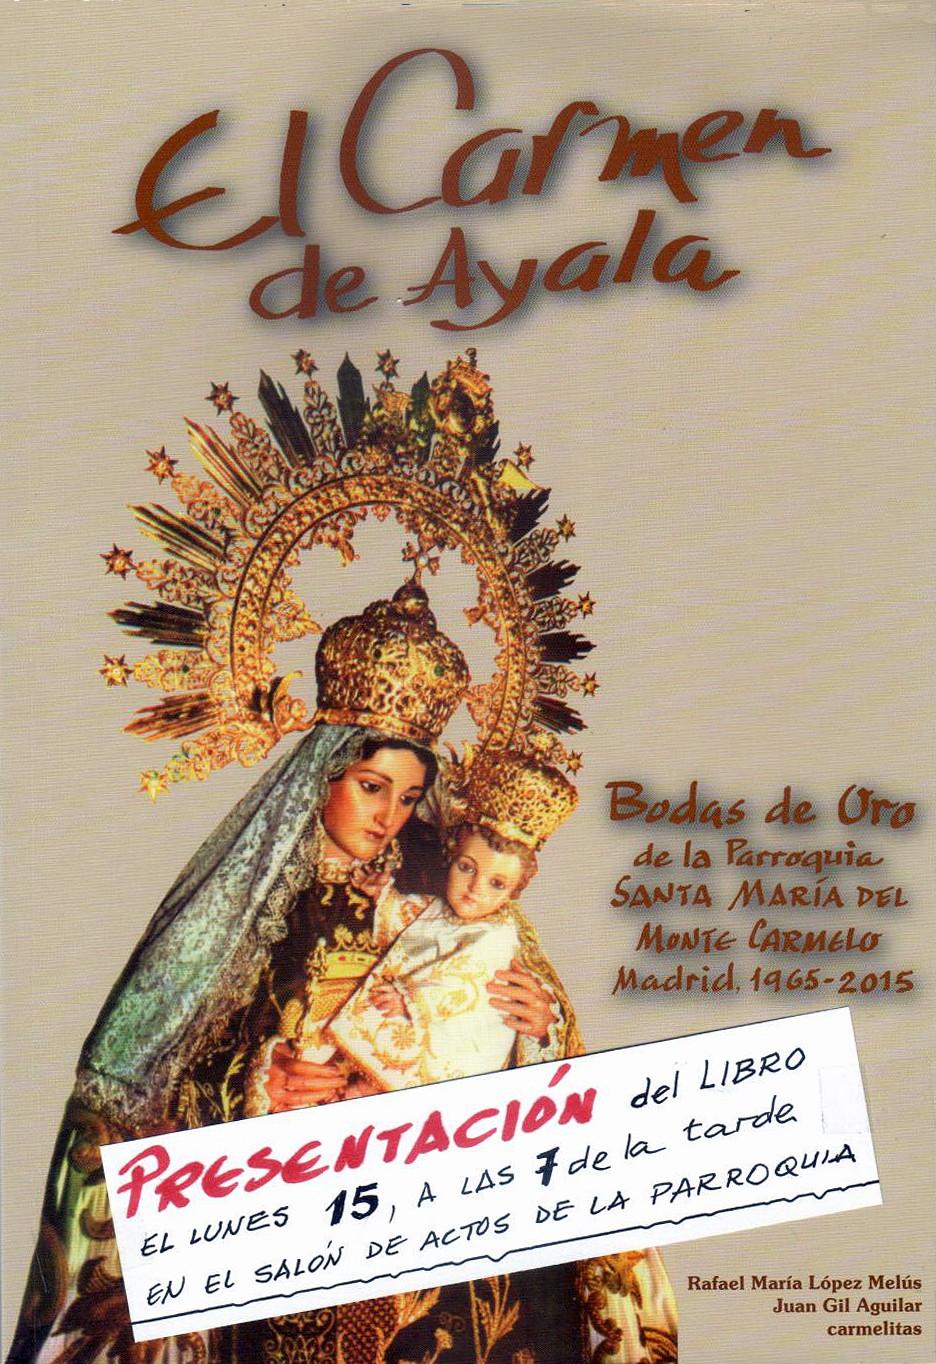 El Carmen de Ayala.jpg